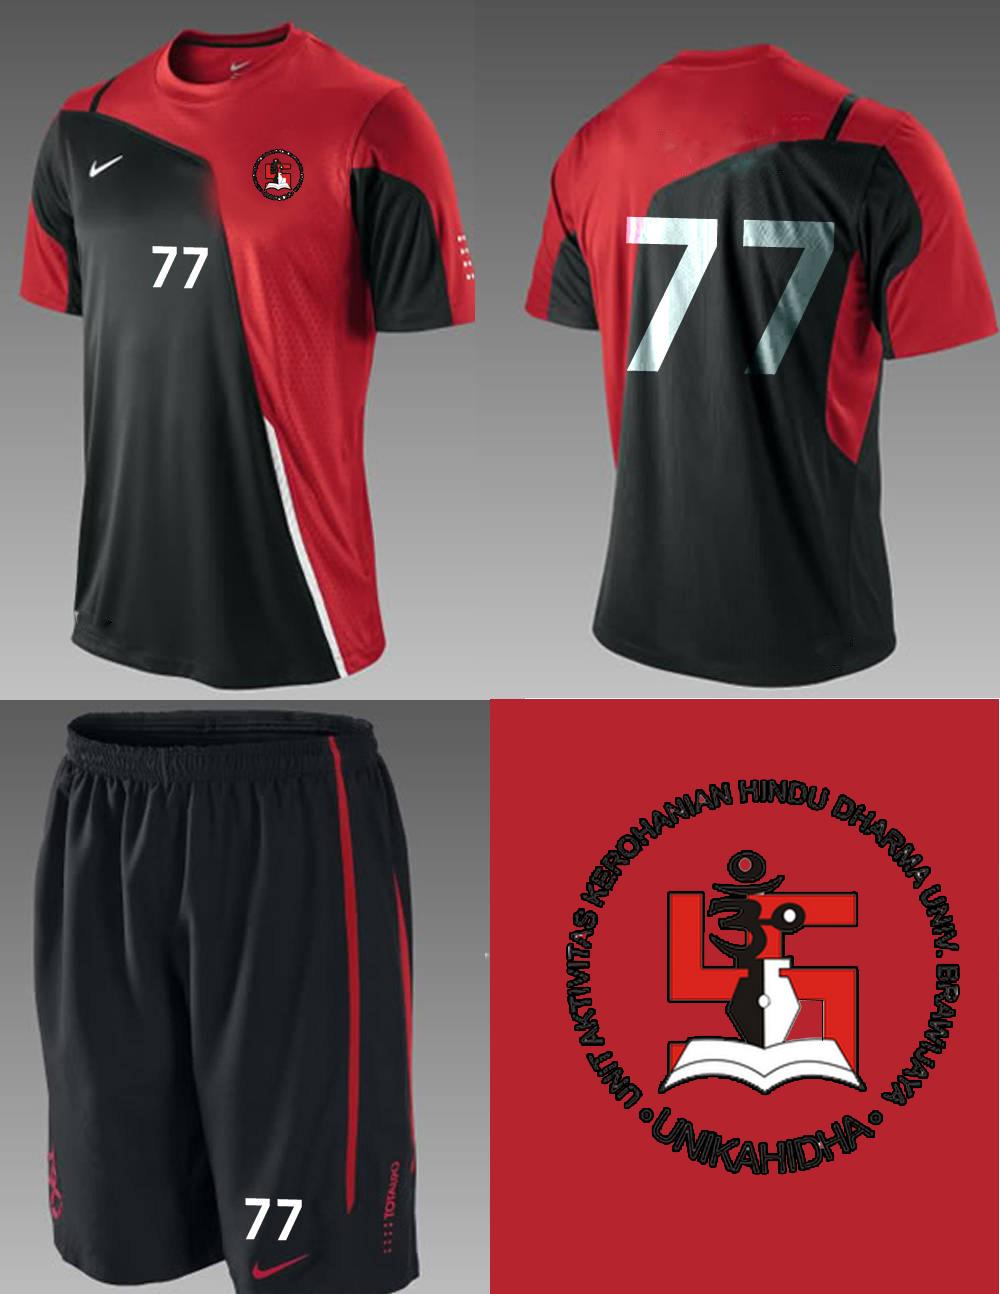 Contoh Kostum Futsal Nike Terbaru Pictures